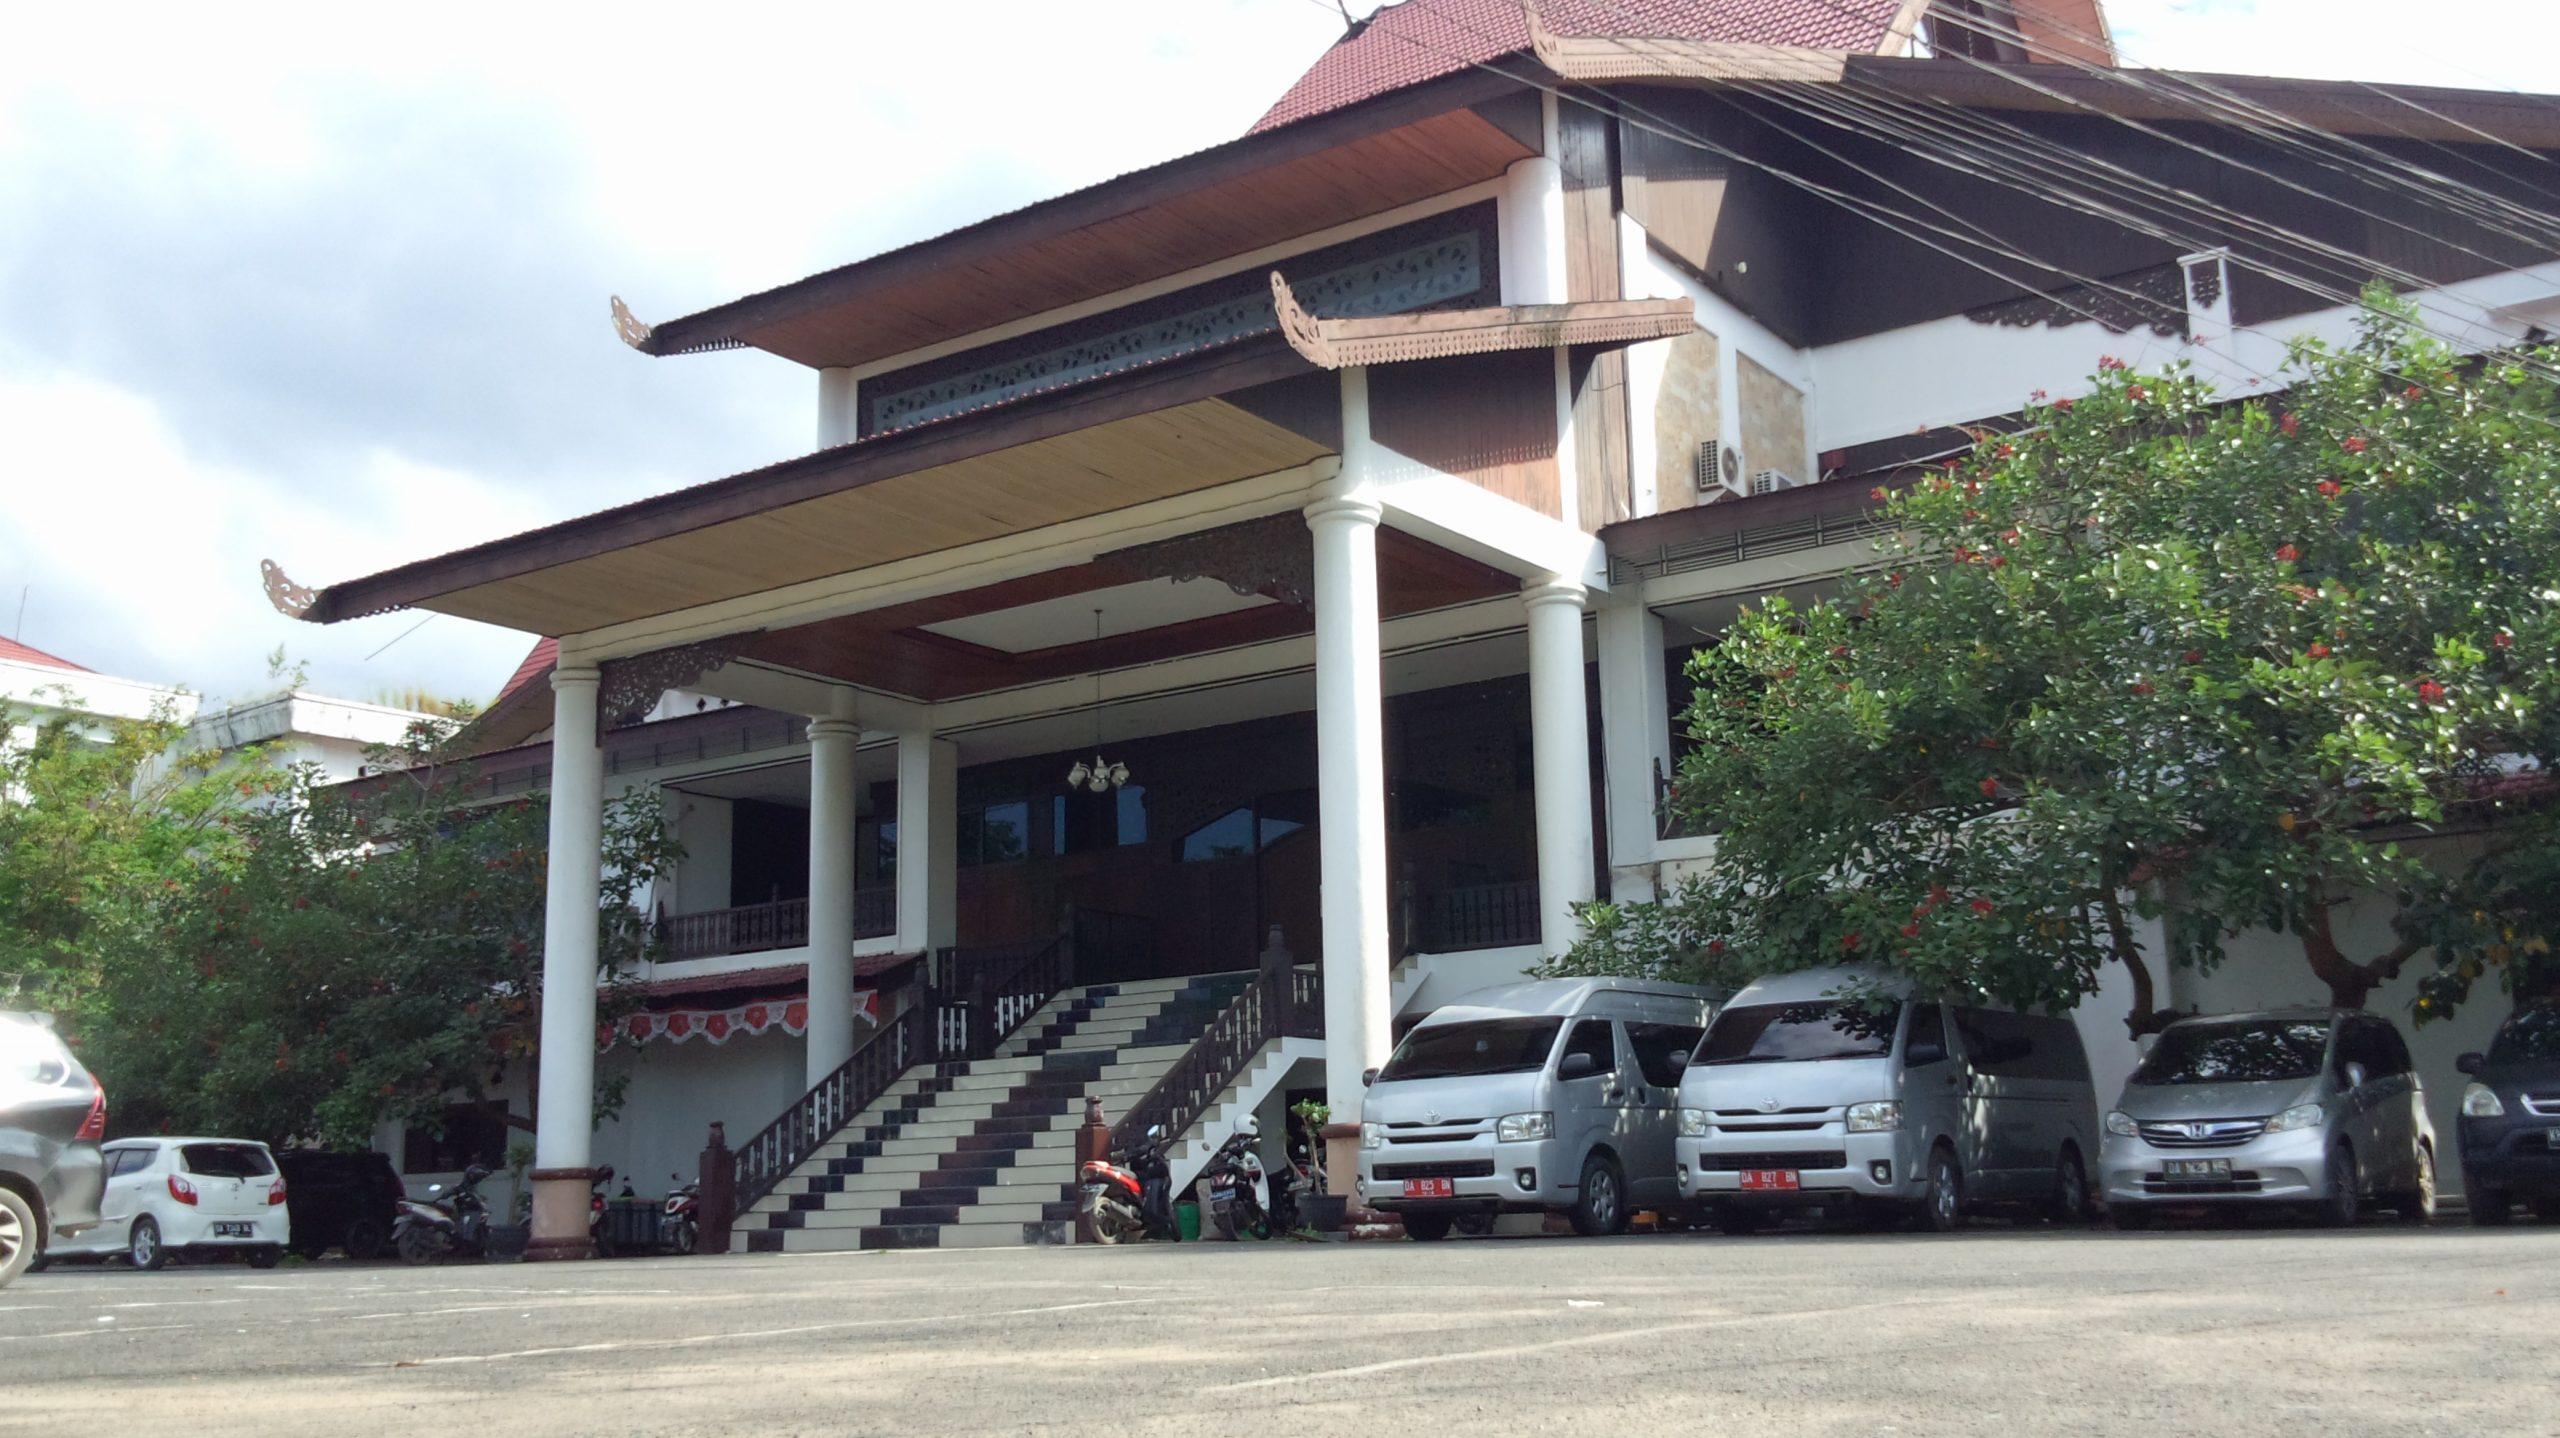 Anggota DPRD Banjar Periode 2019-2024 Dilantik 4 September 2019 3